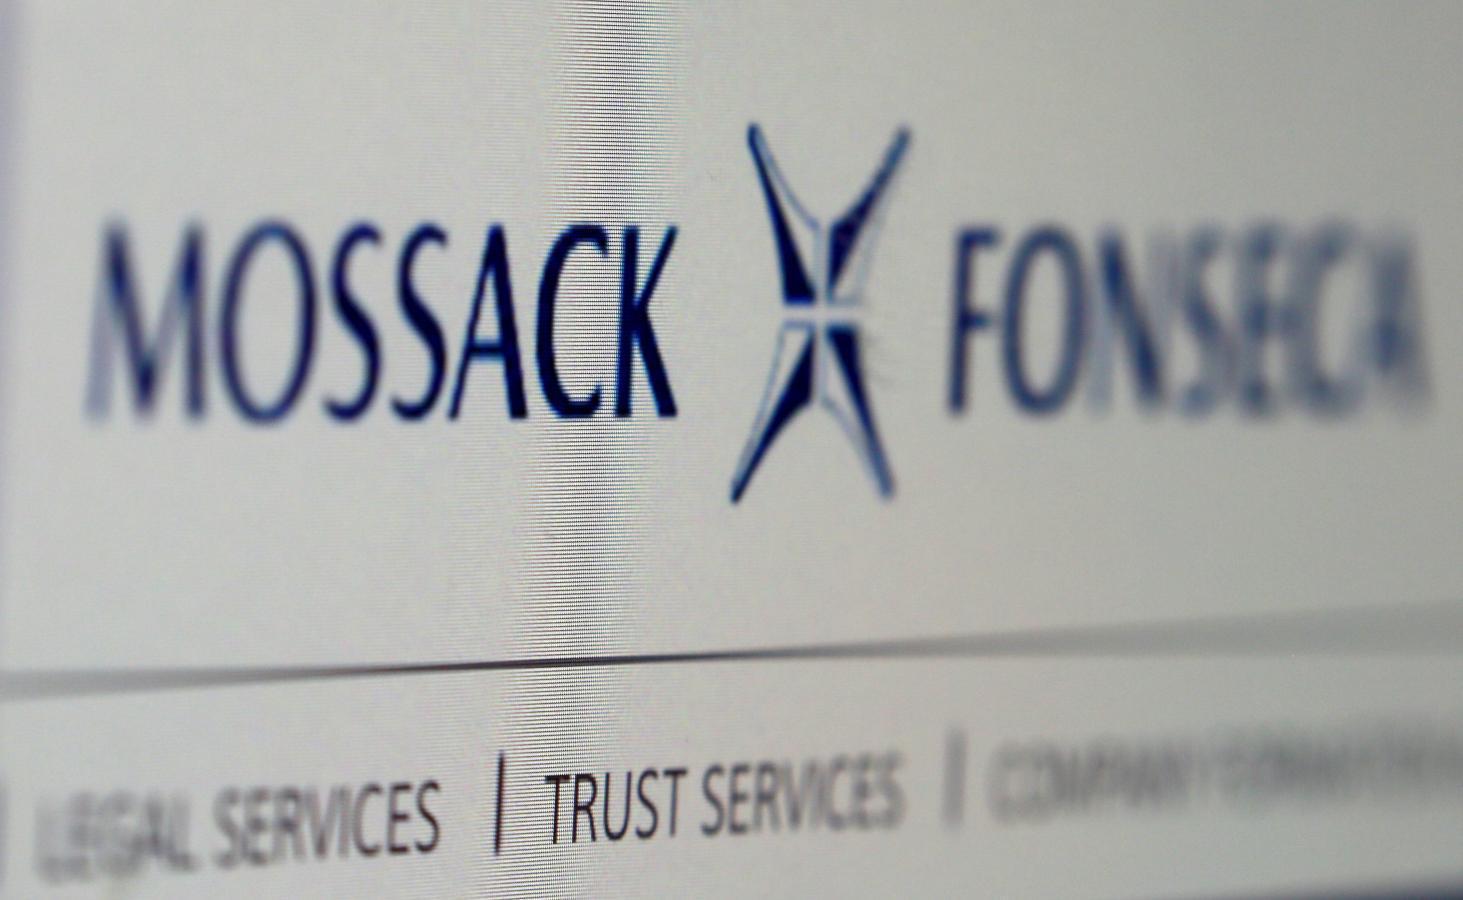 英国监管机构要求银行检查与巴拿马文件的关系